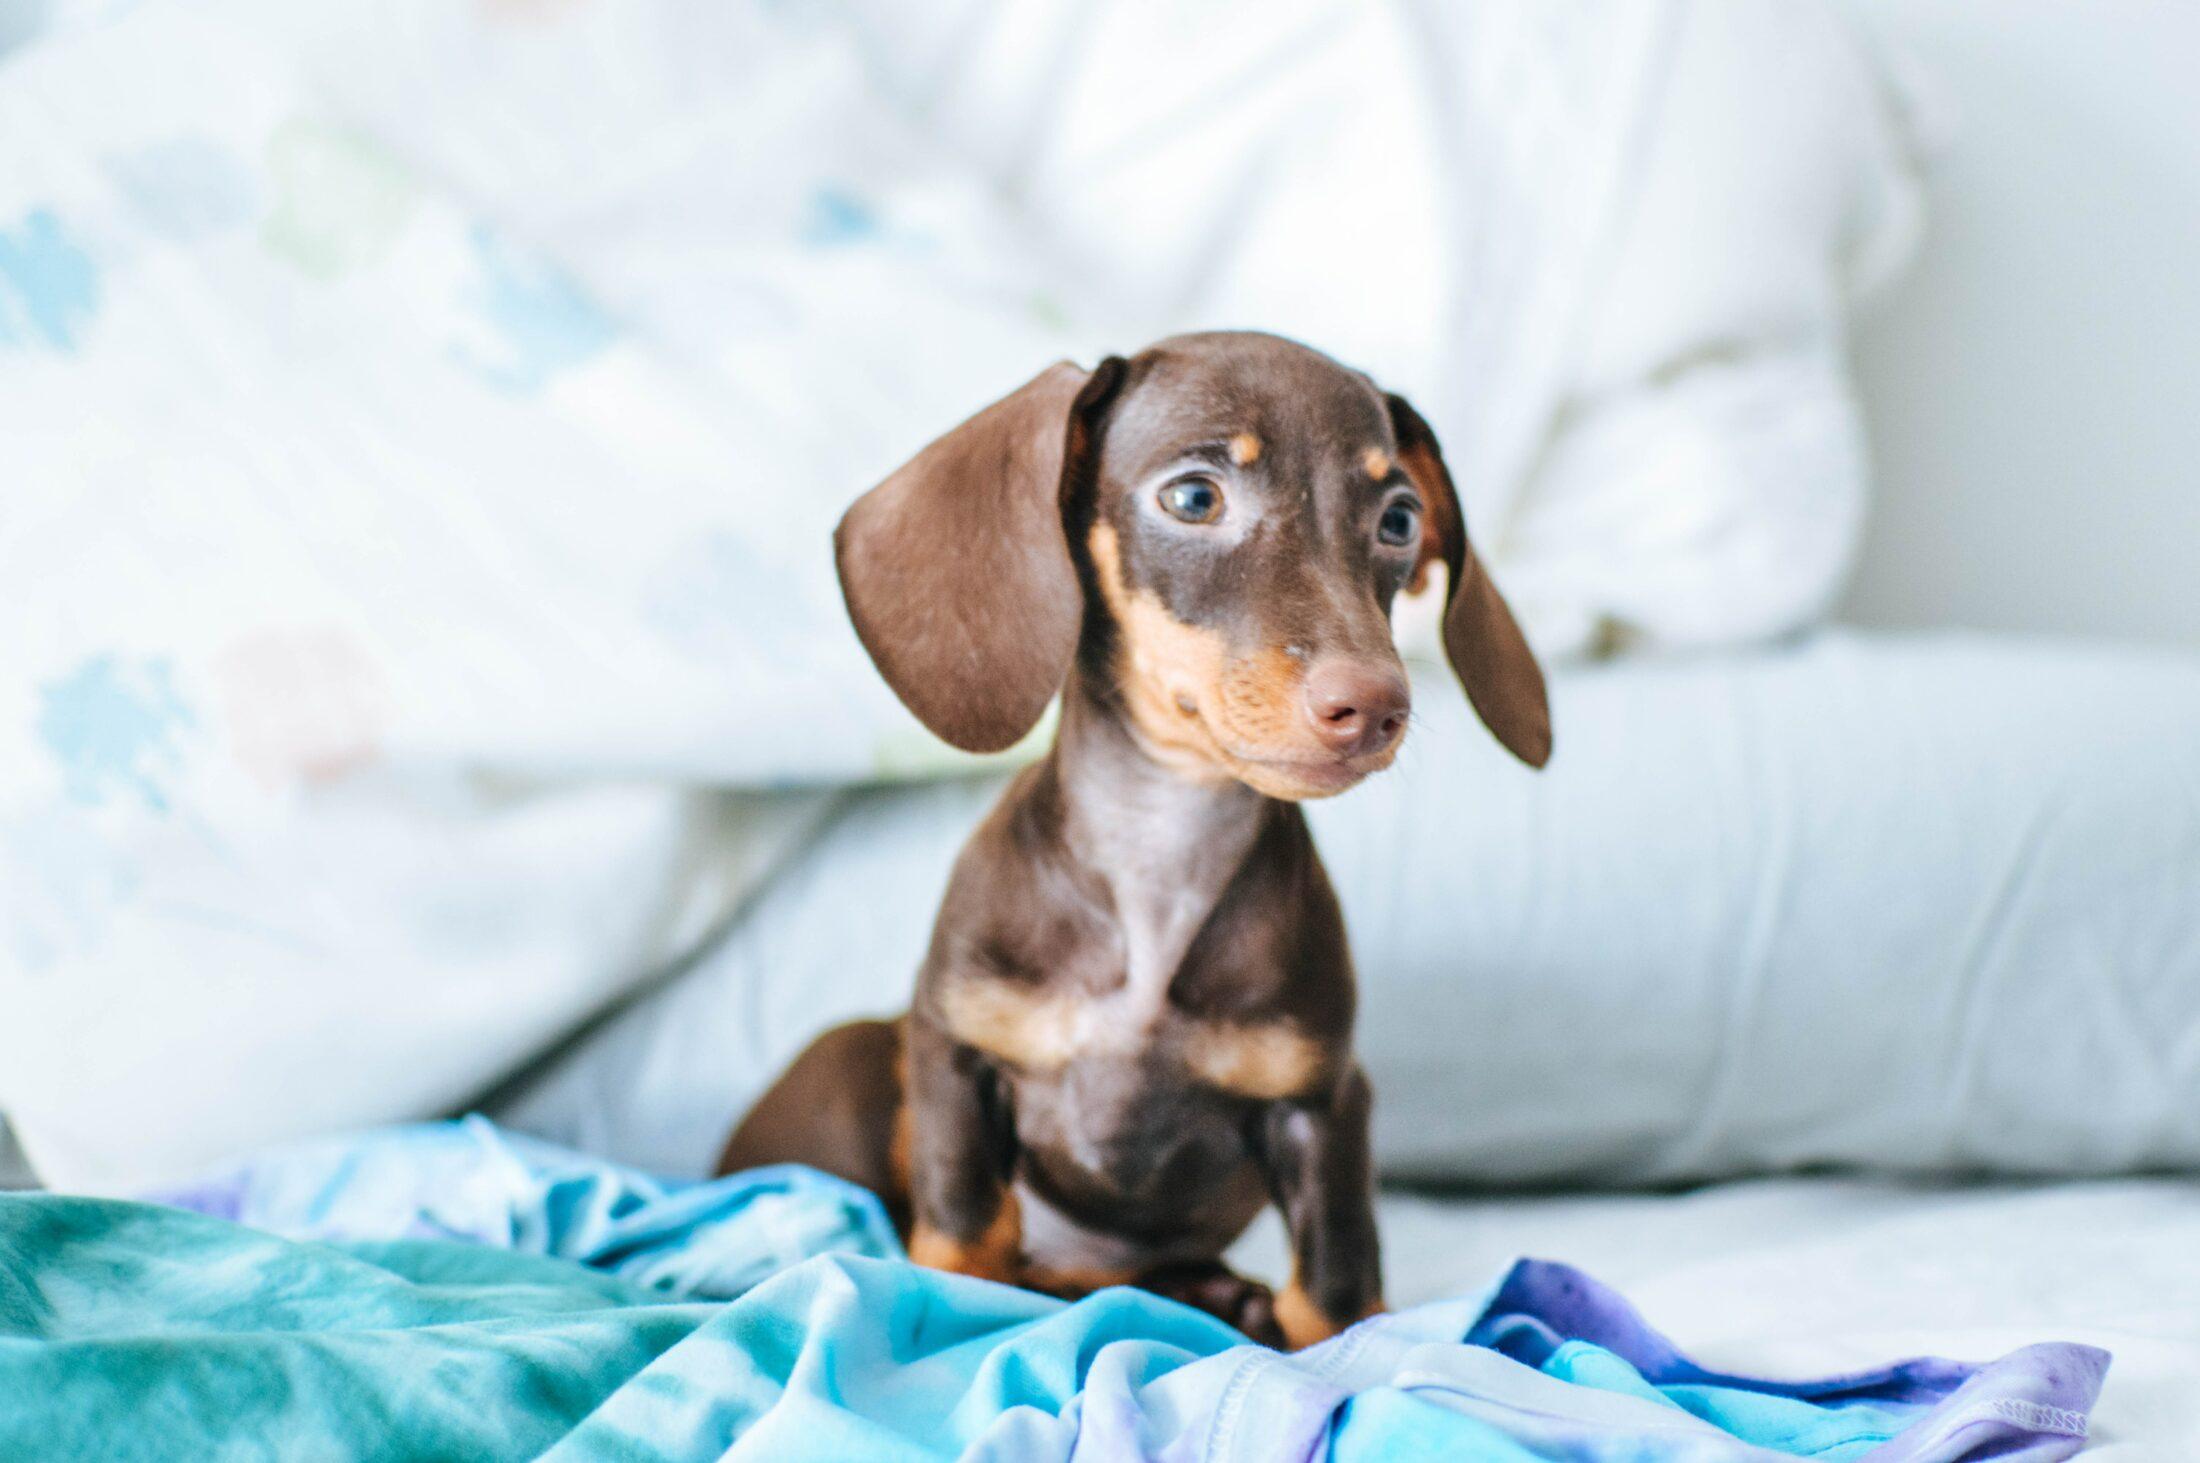 cachorro com olho azul - Dachshund